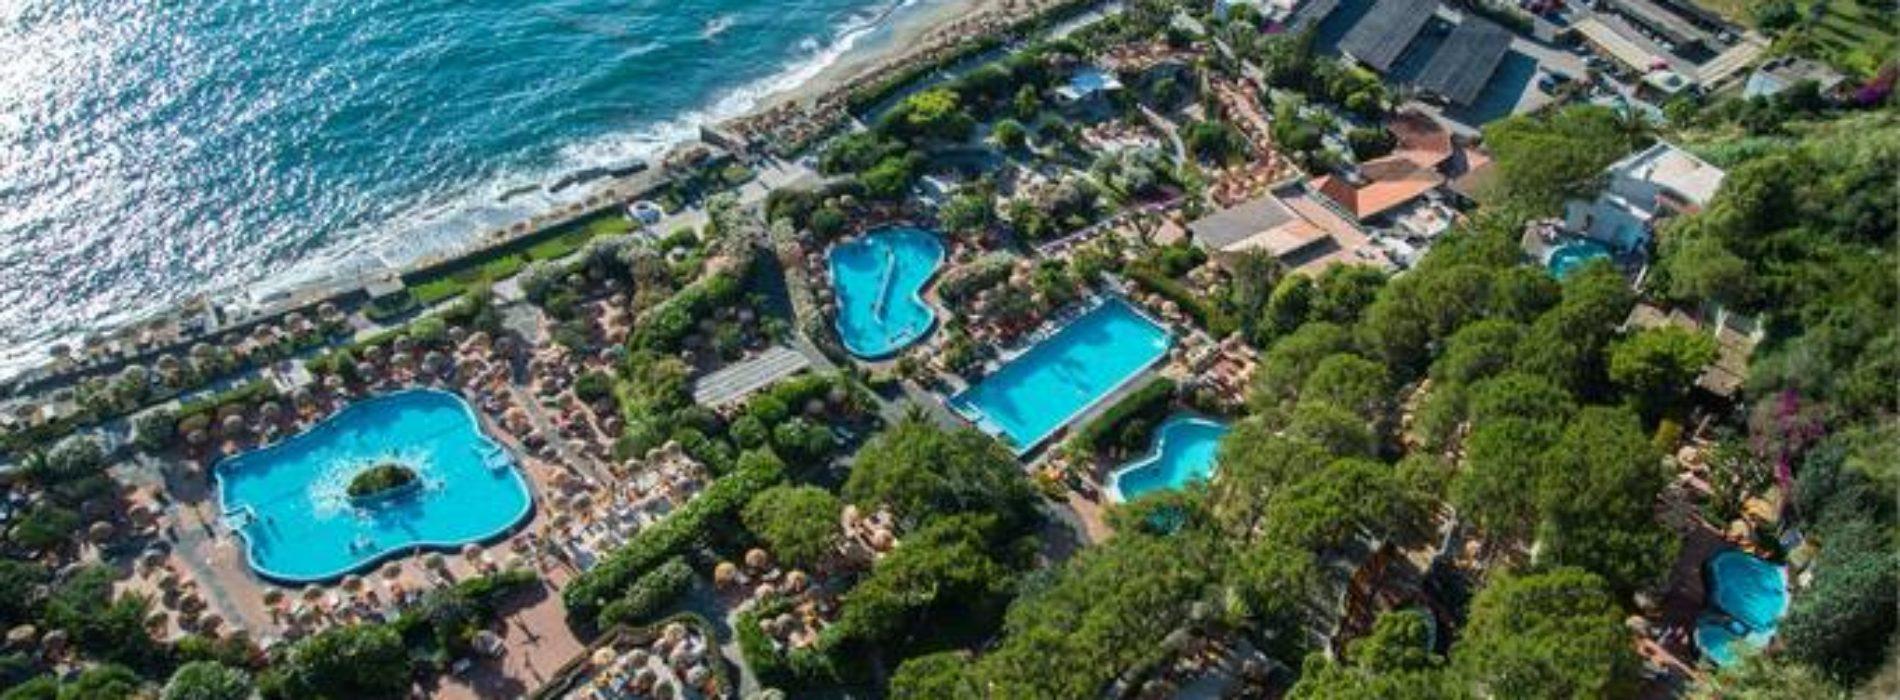 Giardini Poseidon – Il Parco Termale più grande d'Ischia